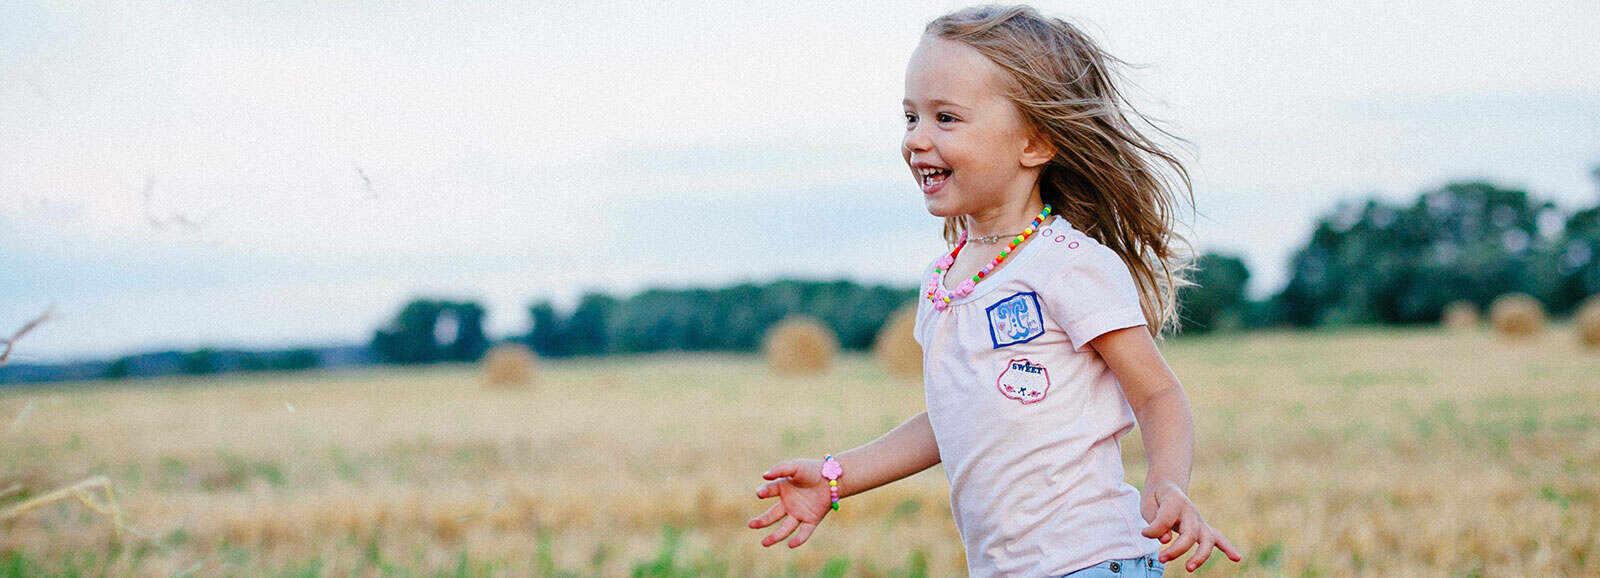 petite fille qui court dans un champ